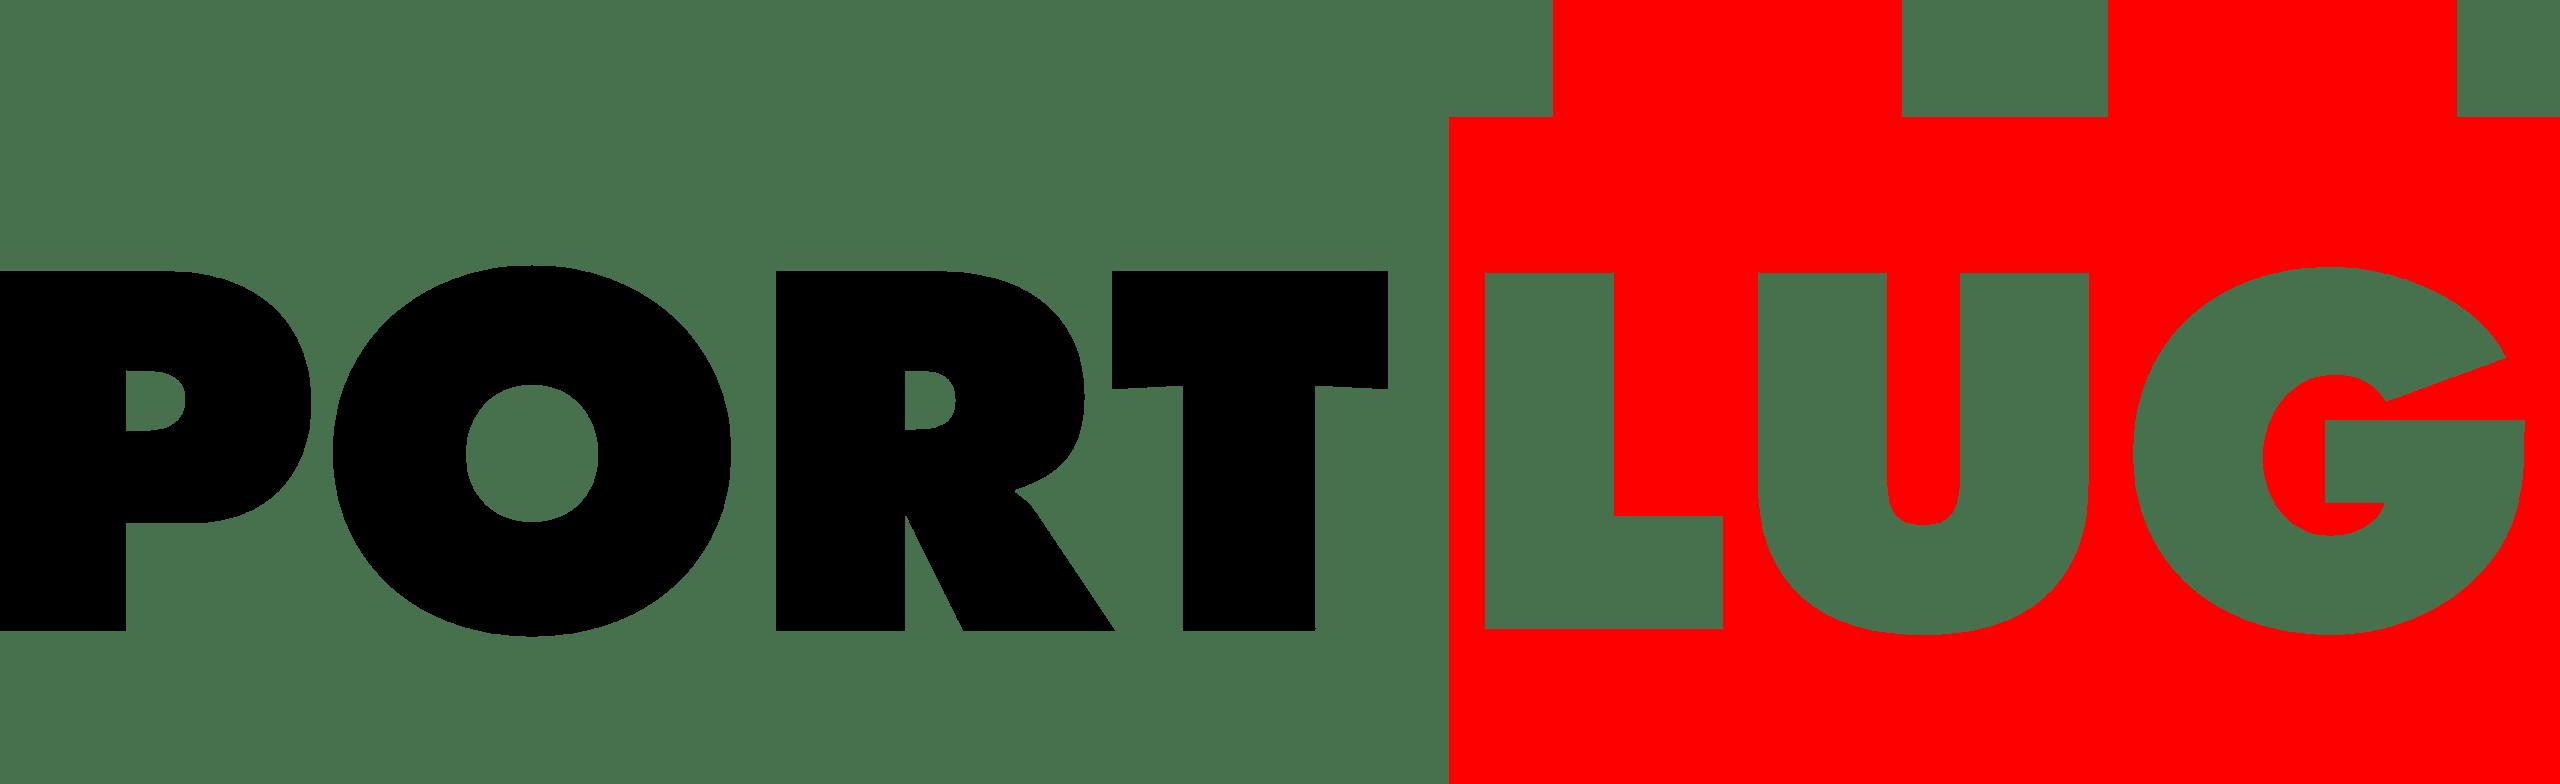 logo 标识 标志 设计 矢量 矢量图 素材 图标 2560_784